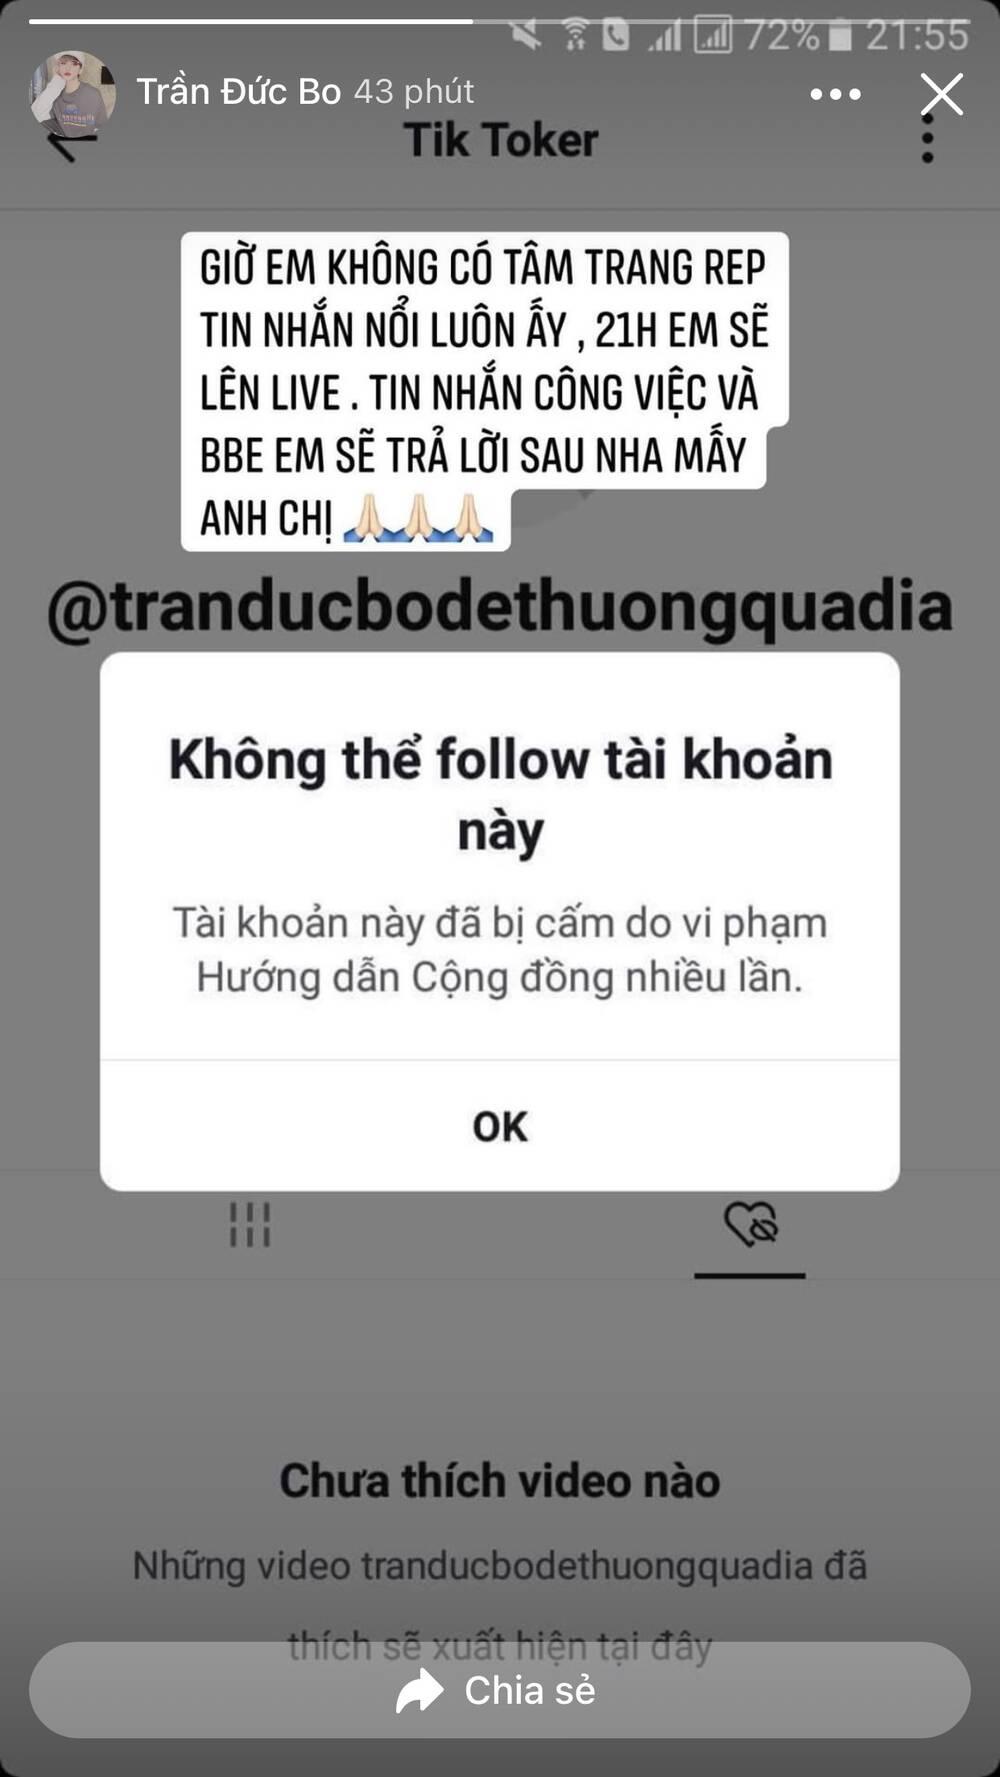 Trần Đức Bo bỗng dưng bị xoá mất tài khoản TikTok, nguyên nhân khiến chính chủ đau đầu 3